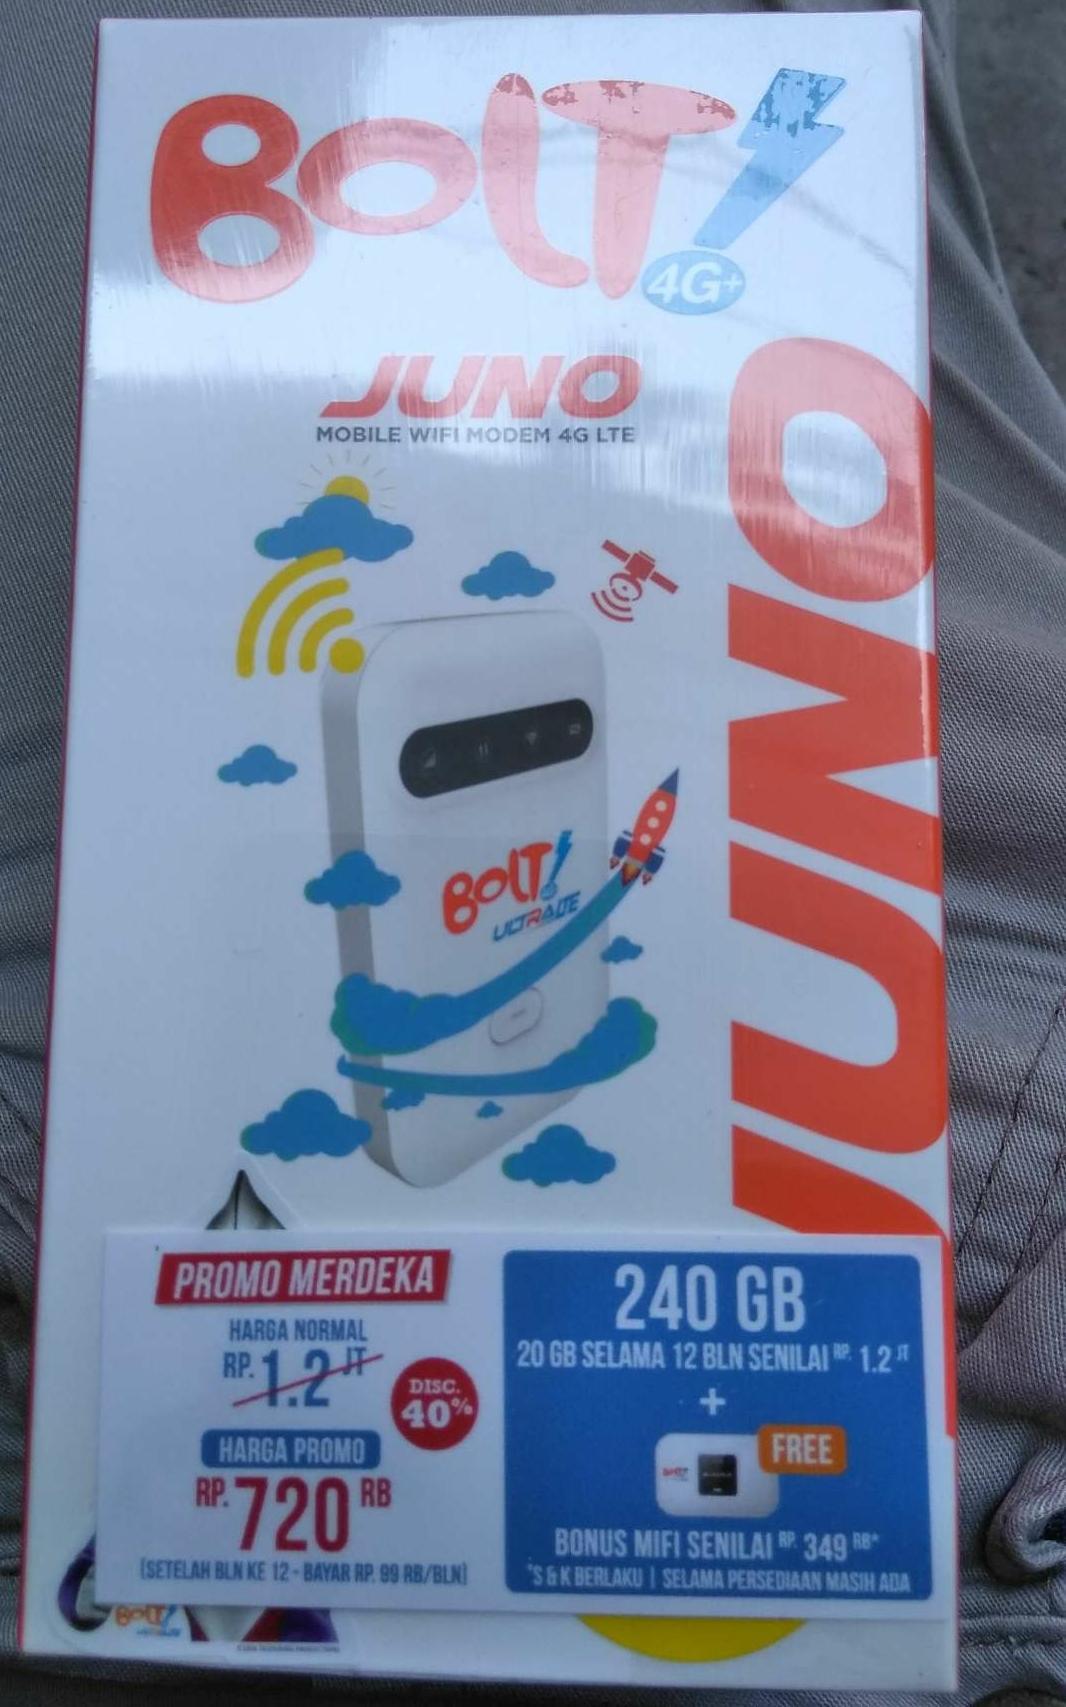 Beli Modem Bolt Aquila Max Unlock Smartftren 4g Harga Rp 268500 Mifi Juno 240 Gb